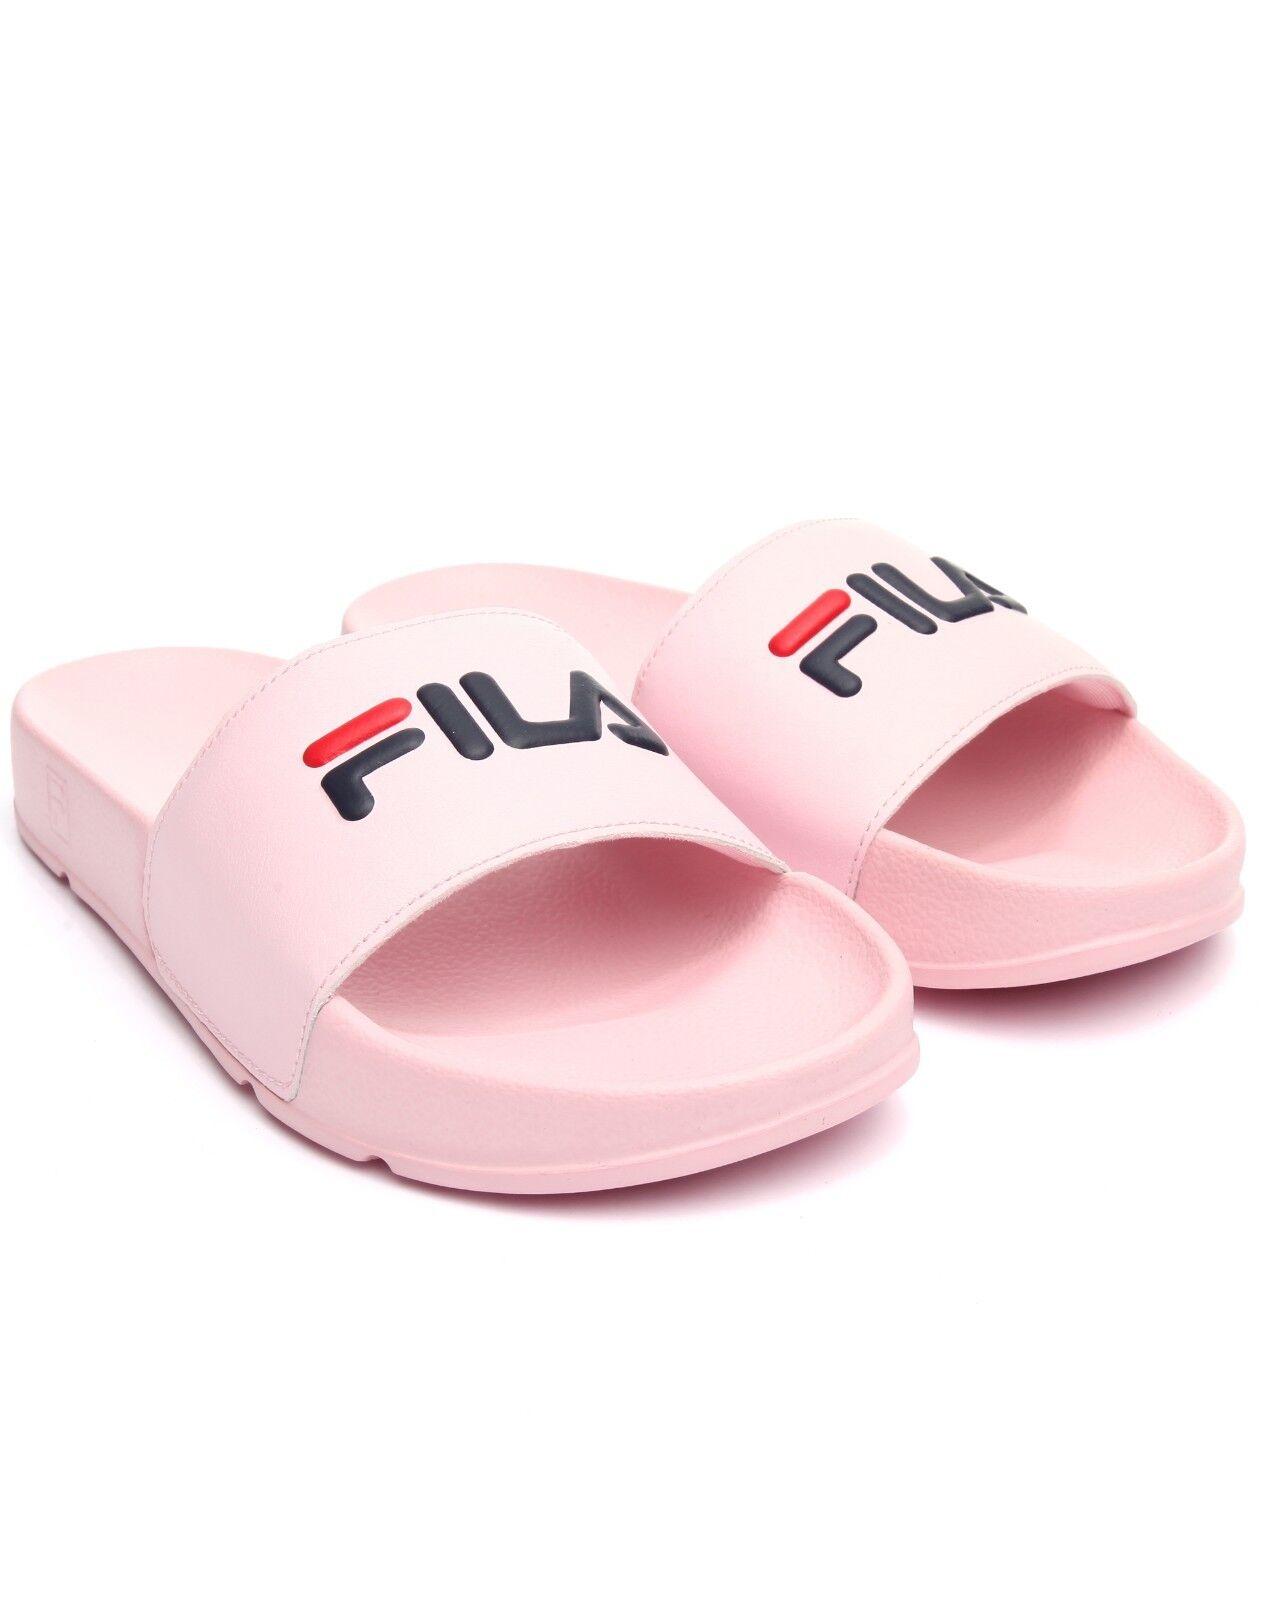 FILA Women's Drifter Slide - 5VS00000-682 - Slide Pink/Navy/Red 8b09b3